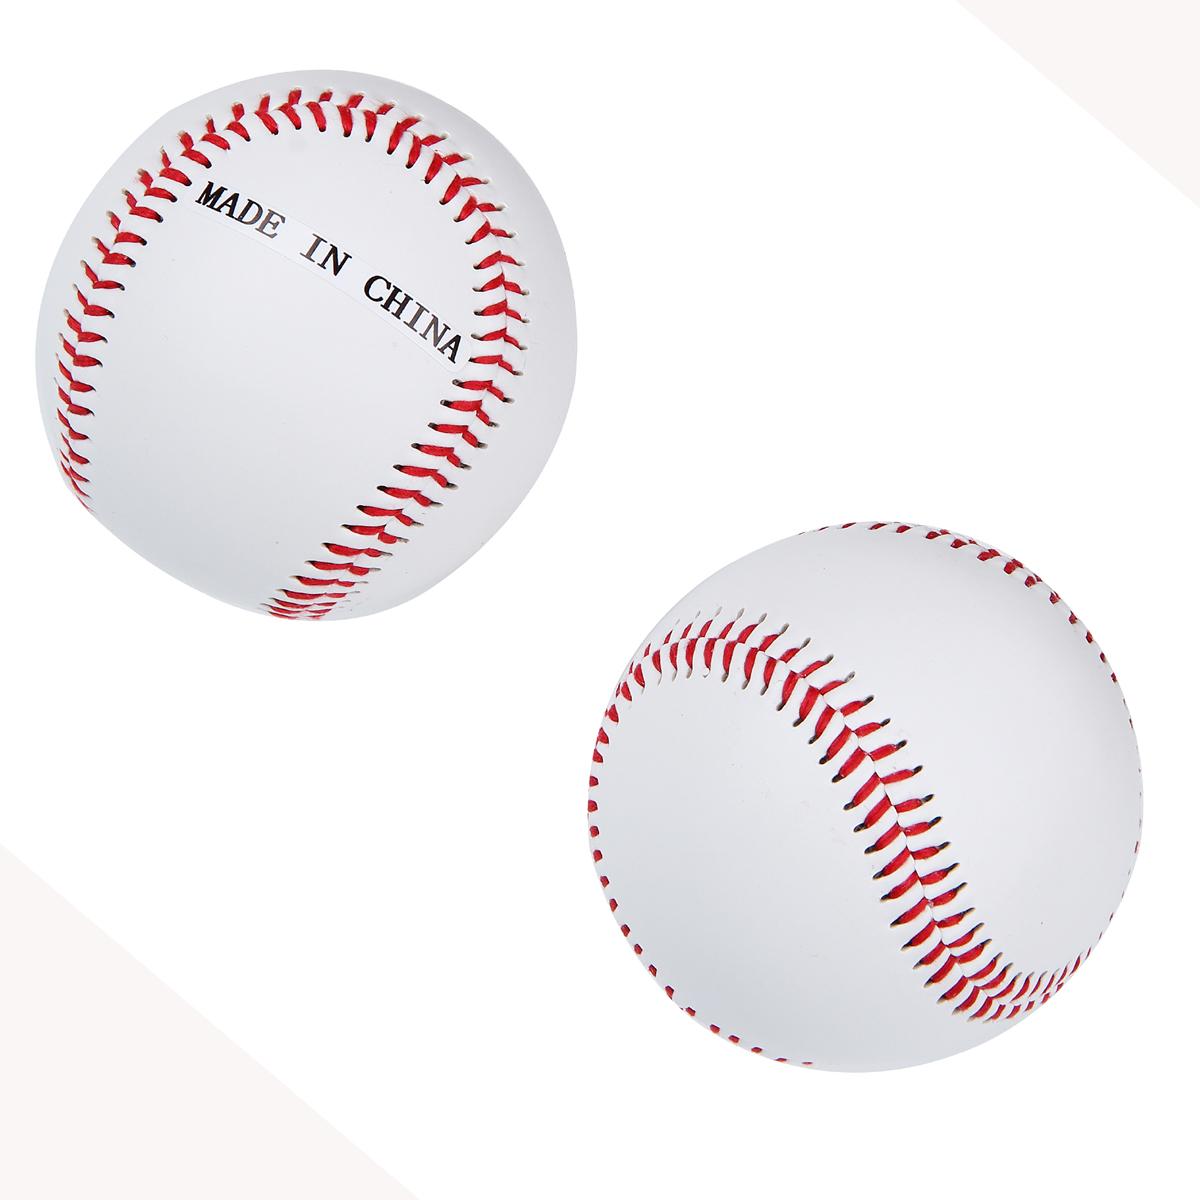 9 количество жесткий стиль бейсбол обучение мяч жесткий заполнение литье бросание практика мяч сделать для забастовка борьба